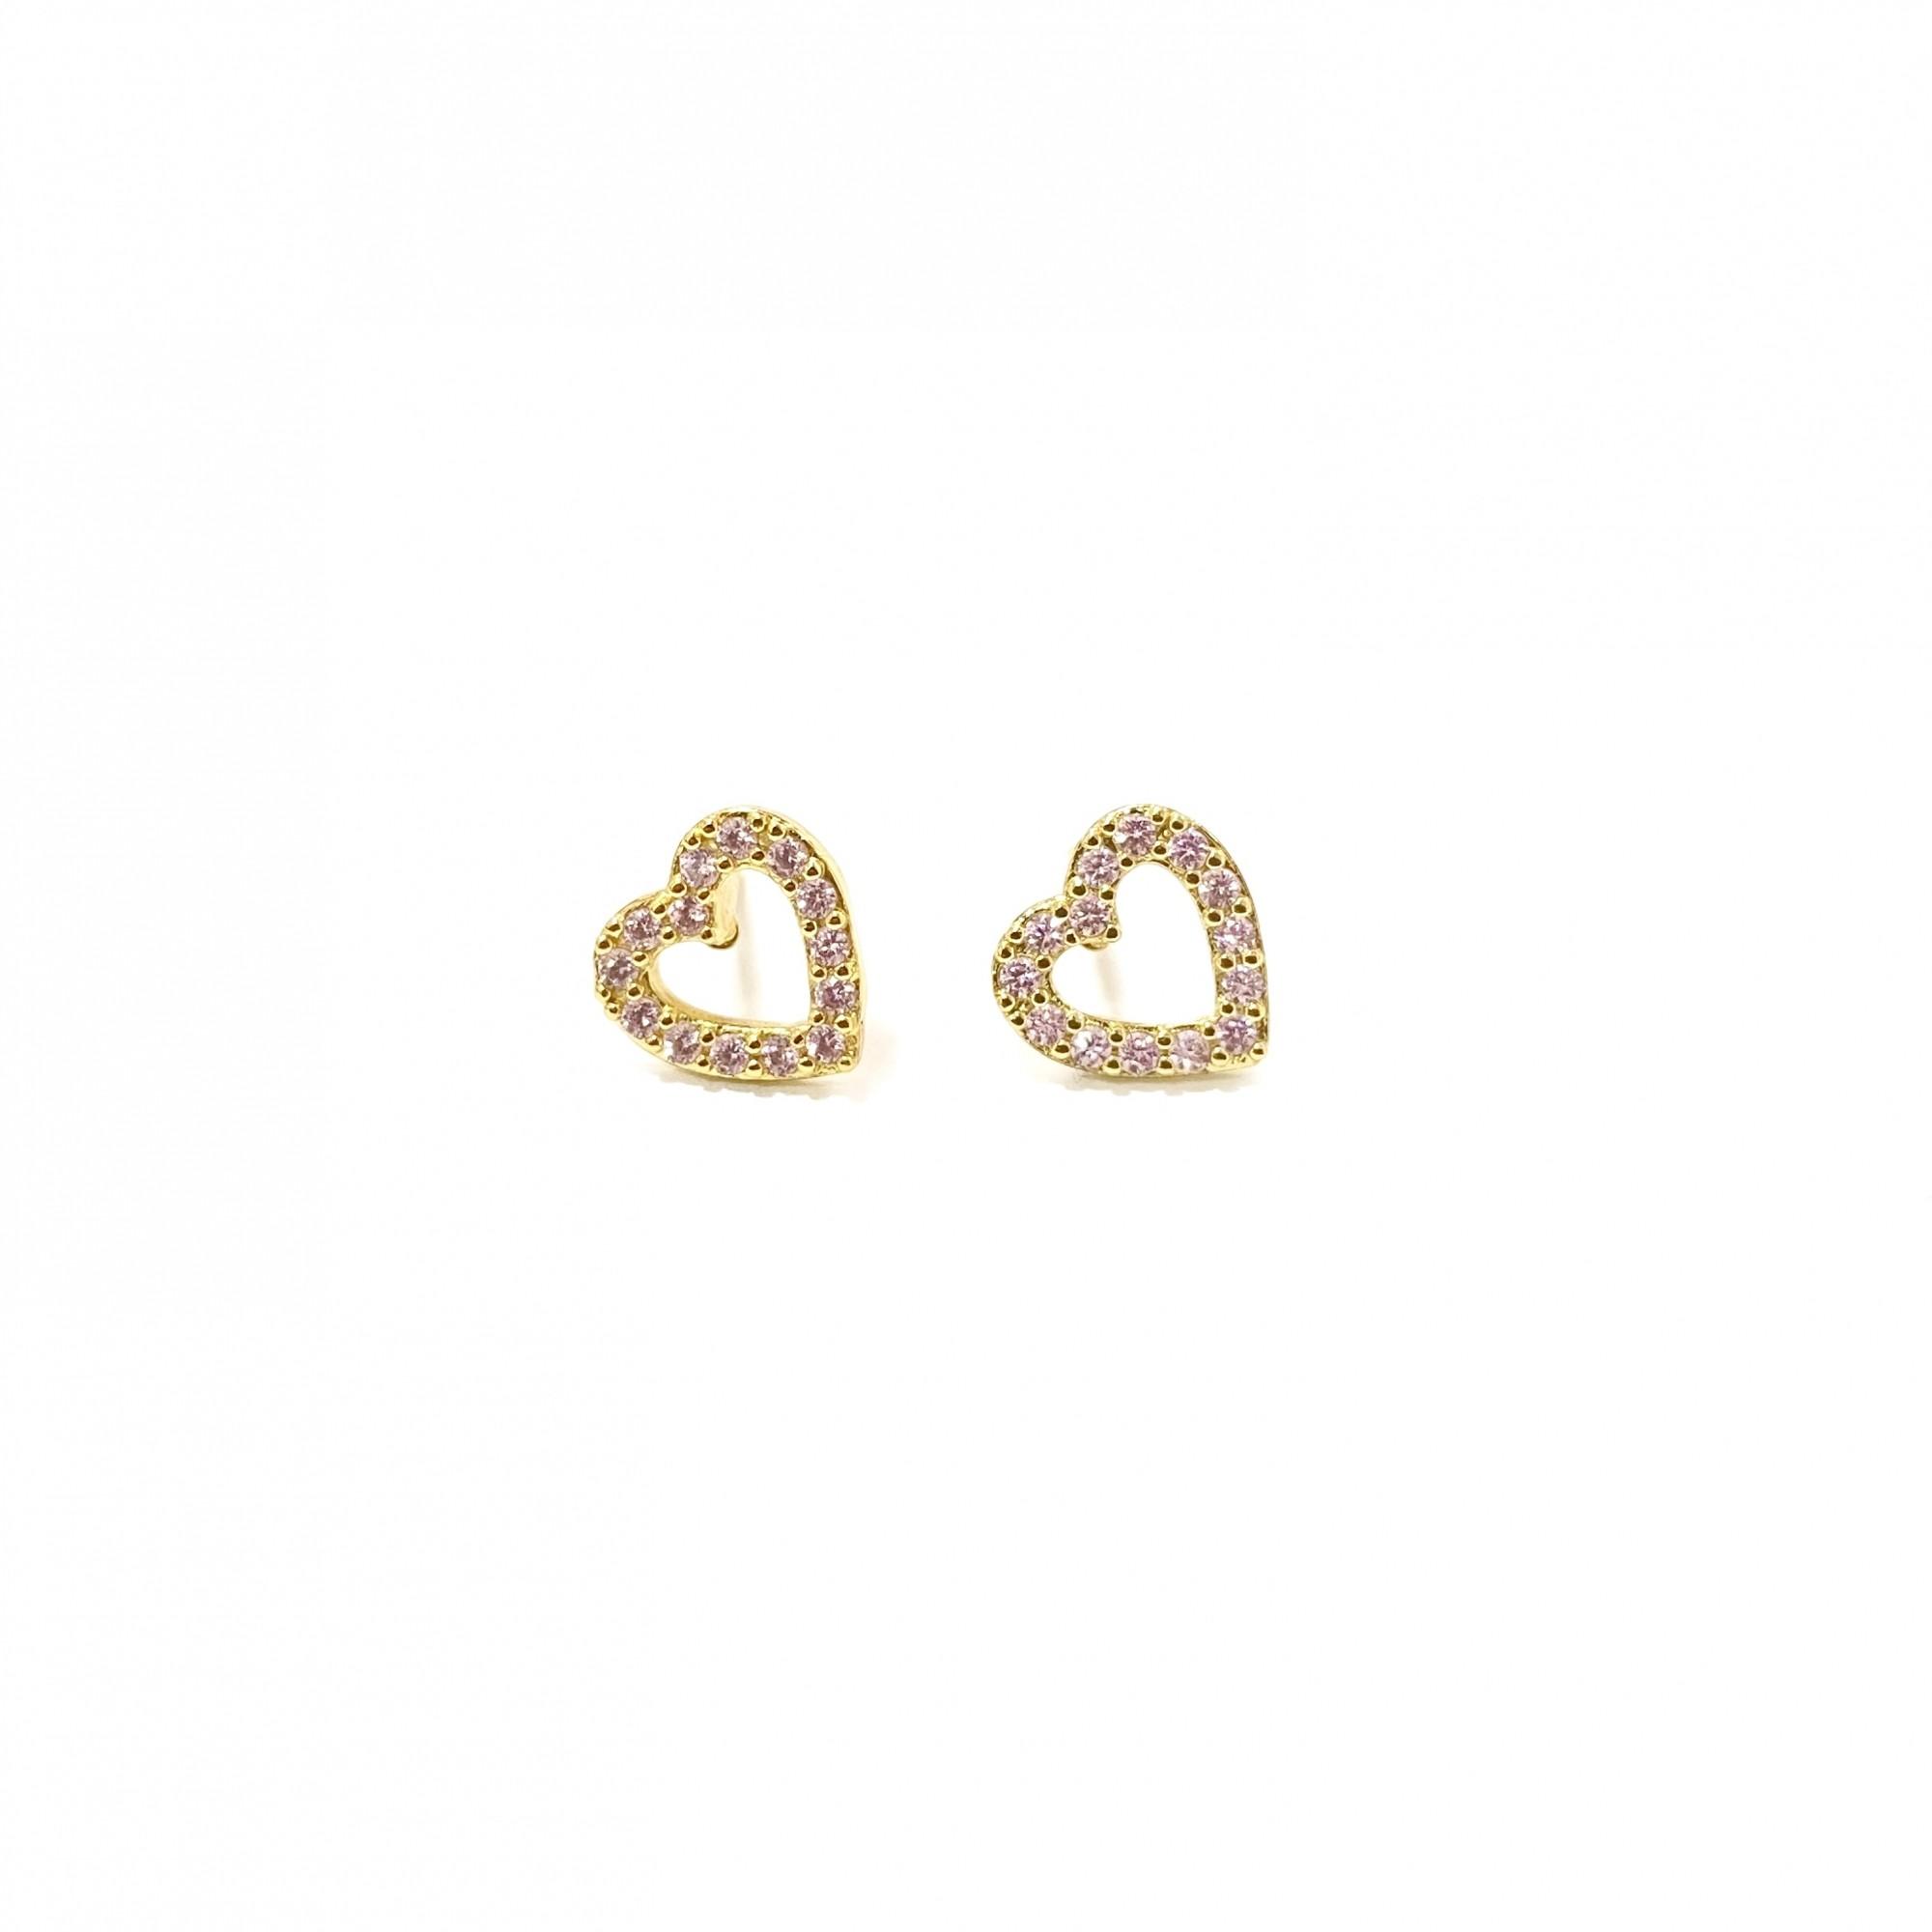 Brinco Coração Vazado Cravejado em Zircônia Rosa Claro (Banho Ouro 24K)